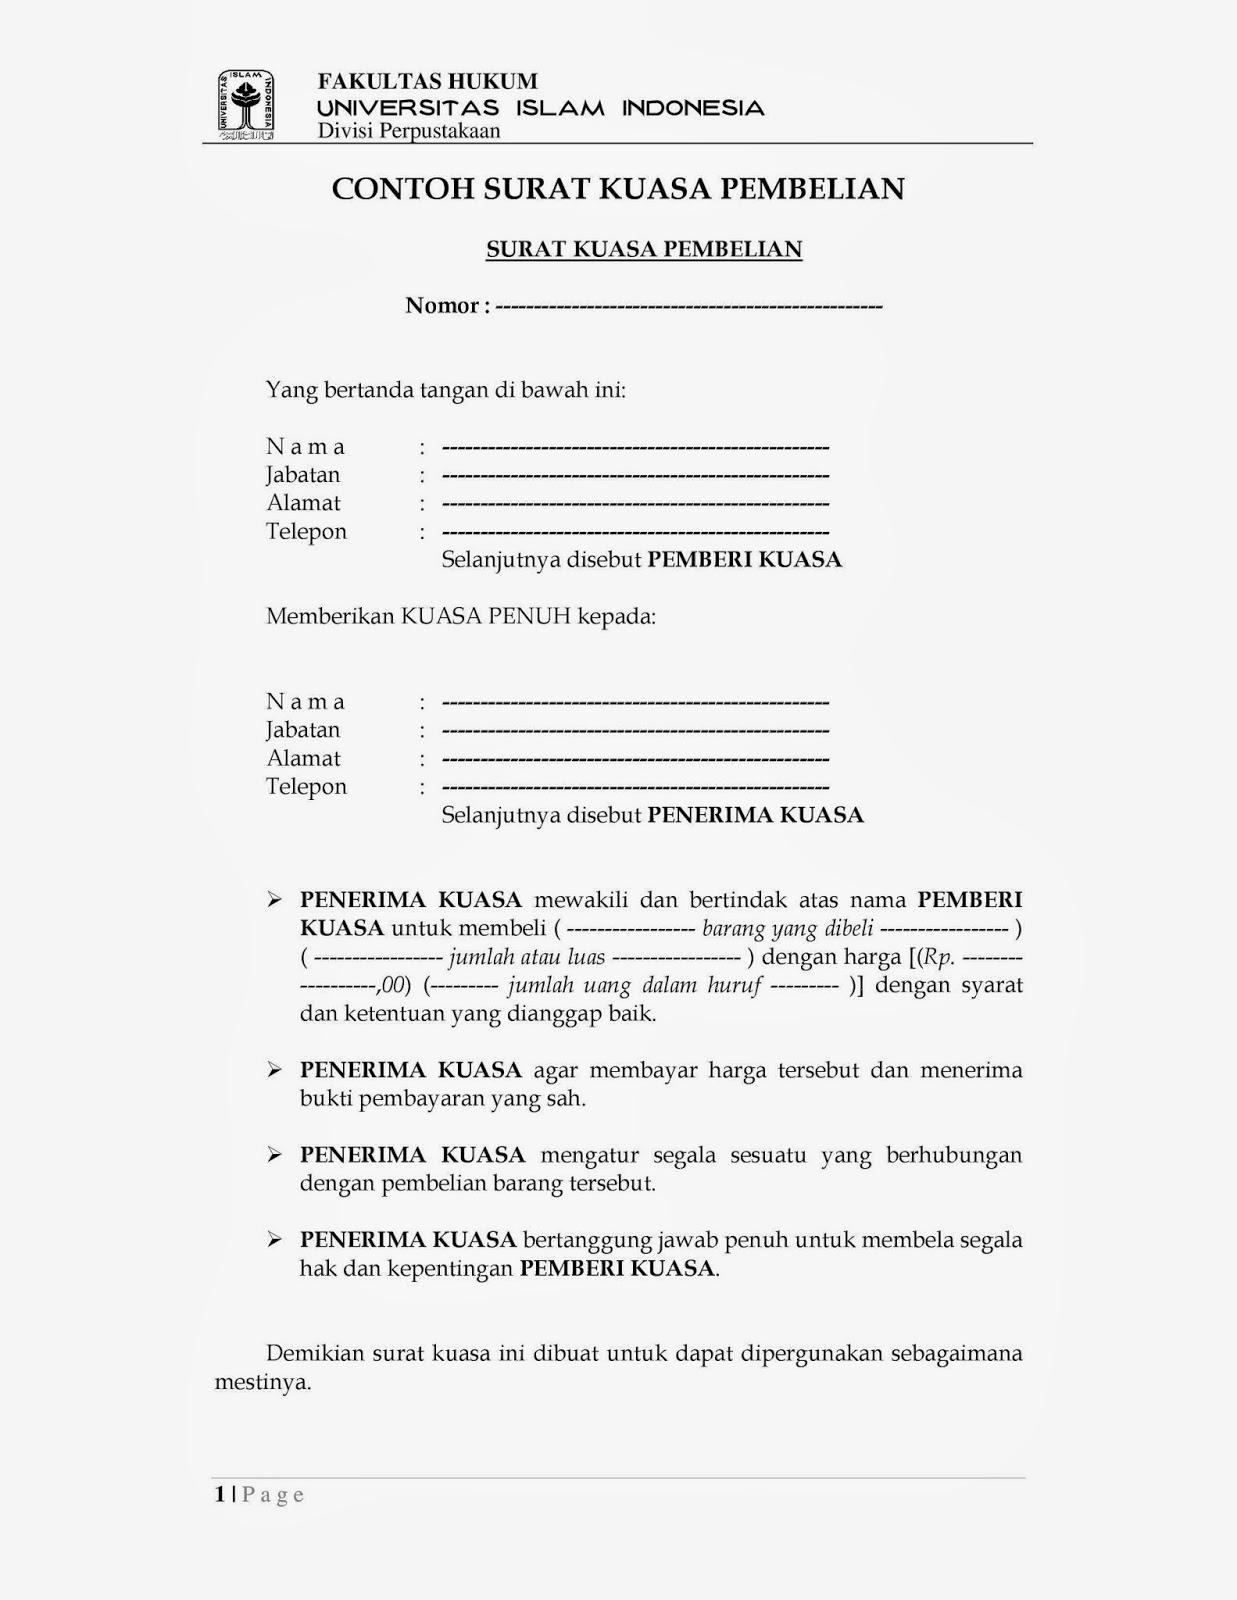 Contoh Surat Kuasa Penjualan Dan Pembelian Murad Maulana